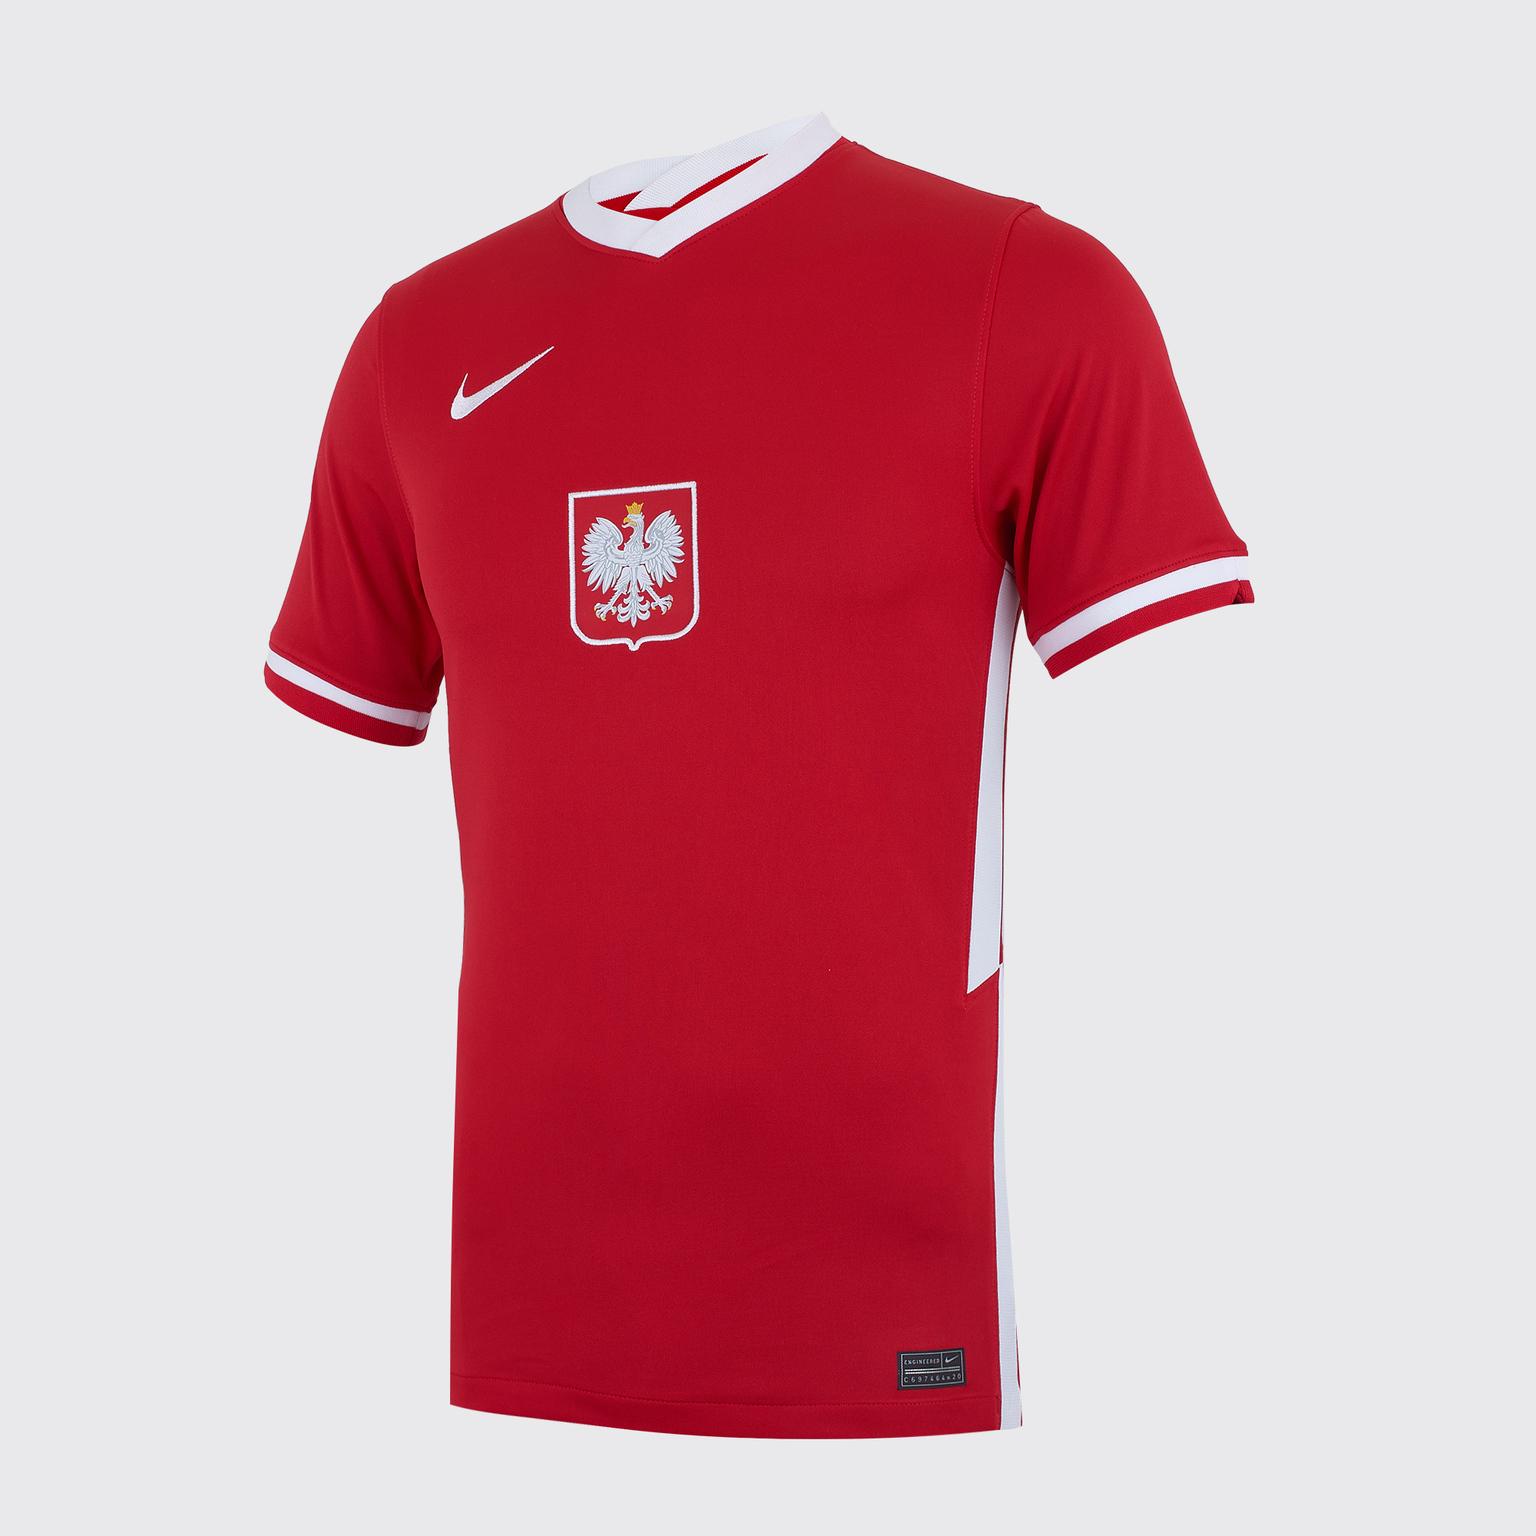 Фото - Футболка игровая выездная Nike сборной Польши CD0721-688 выездная игровая футболка nike фк зенит 2019 20